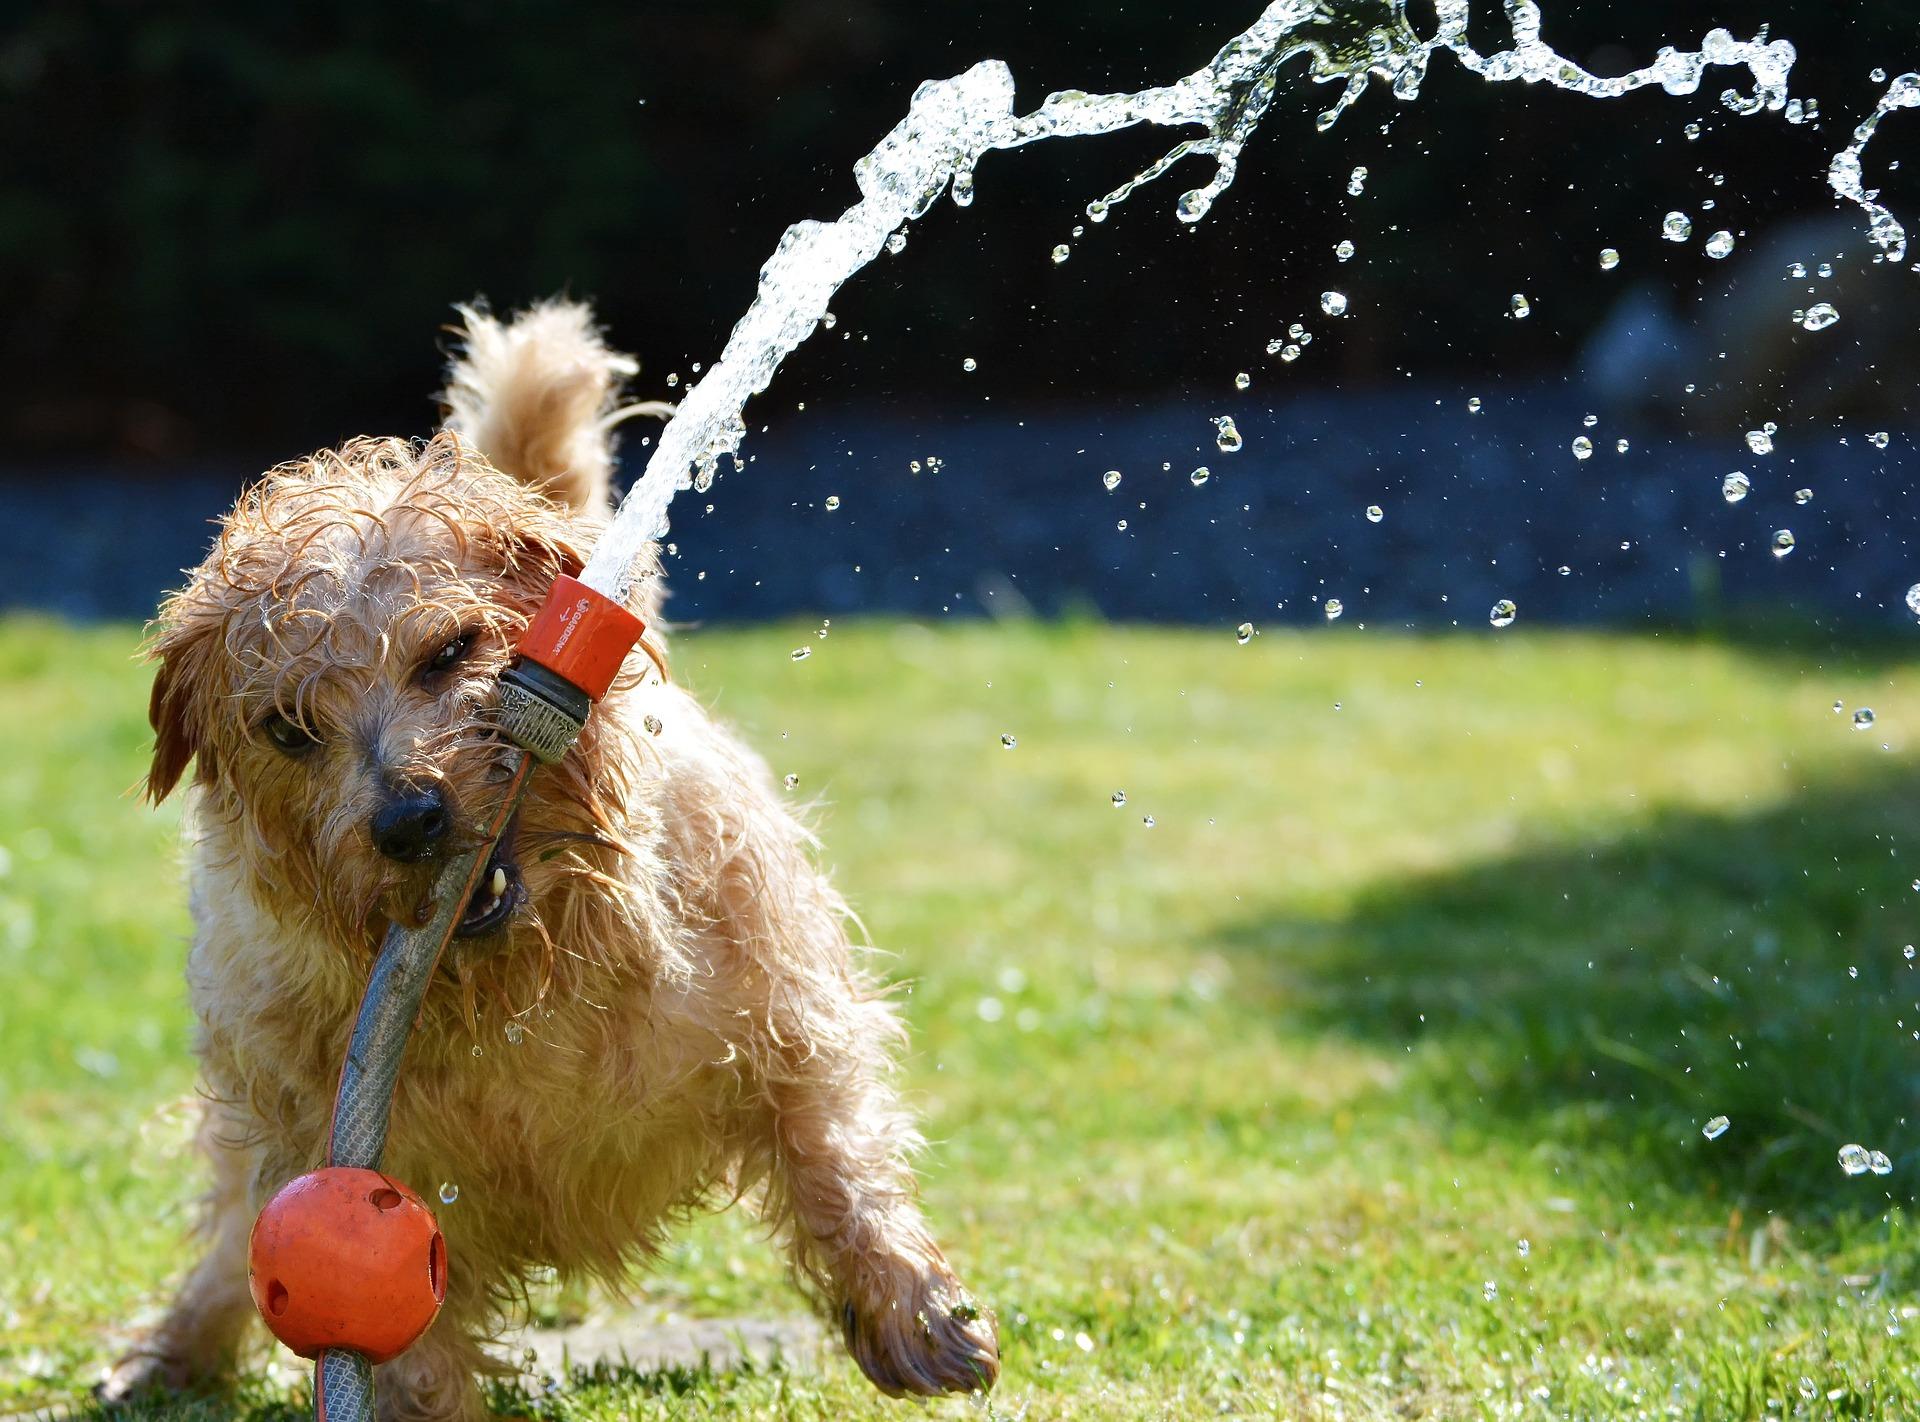 Hundehaftpflichtversicherung: Damit aus Spiel nicht bitterer Ernst wird